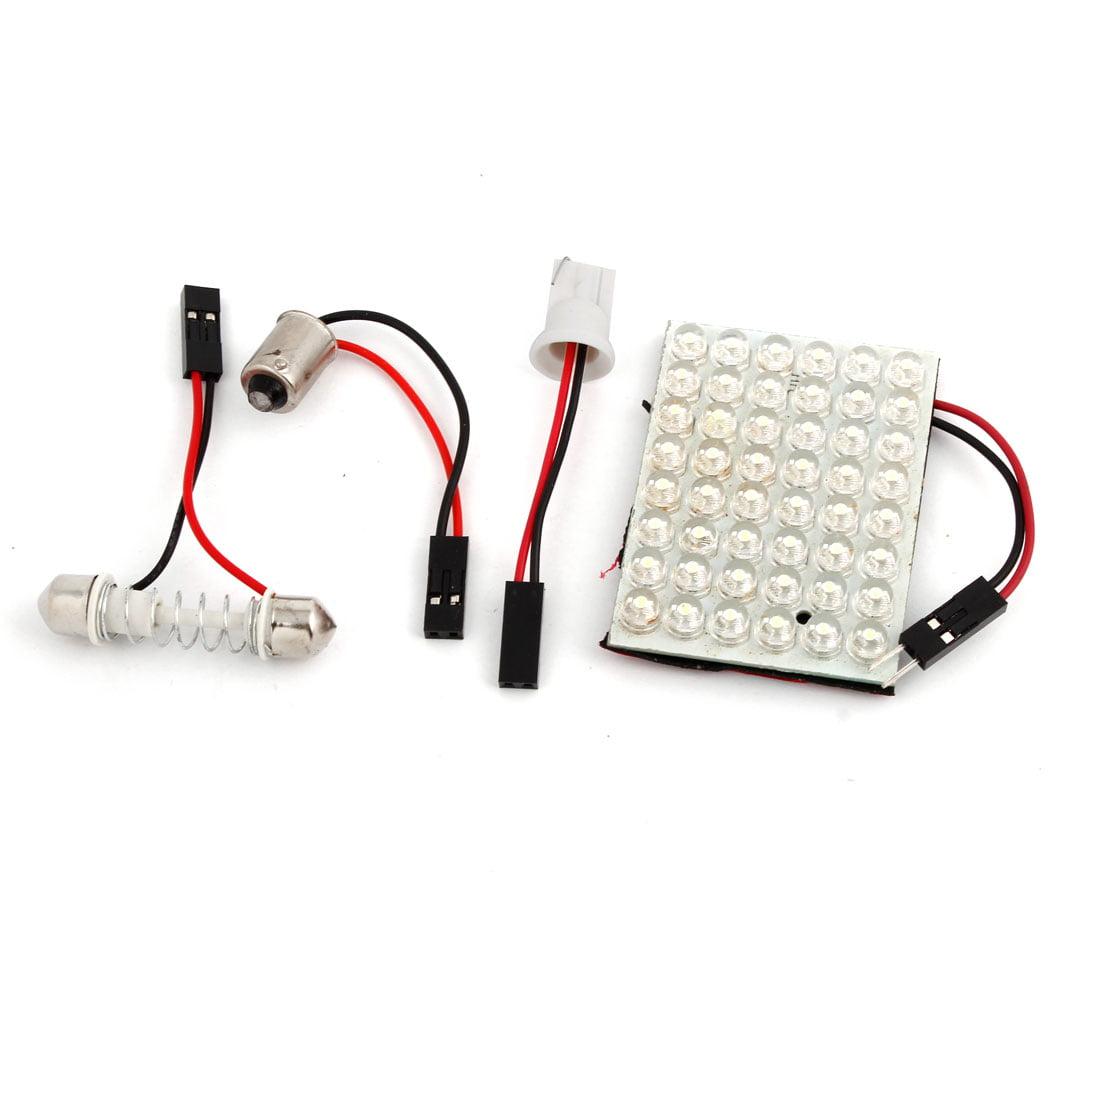 Car T10 BA9S Adapter 29-41mm Festoon Bulbs 48 LED White Internal Roof Light 12V